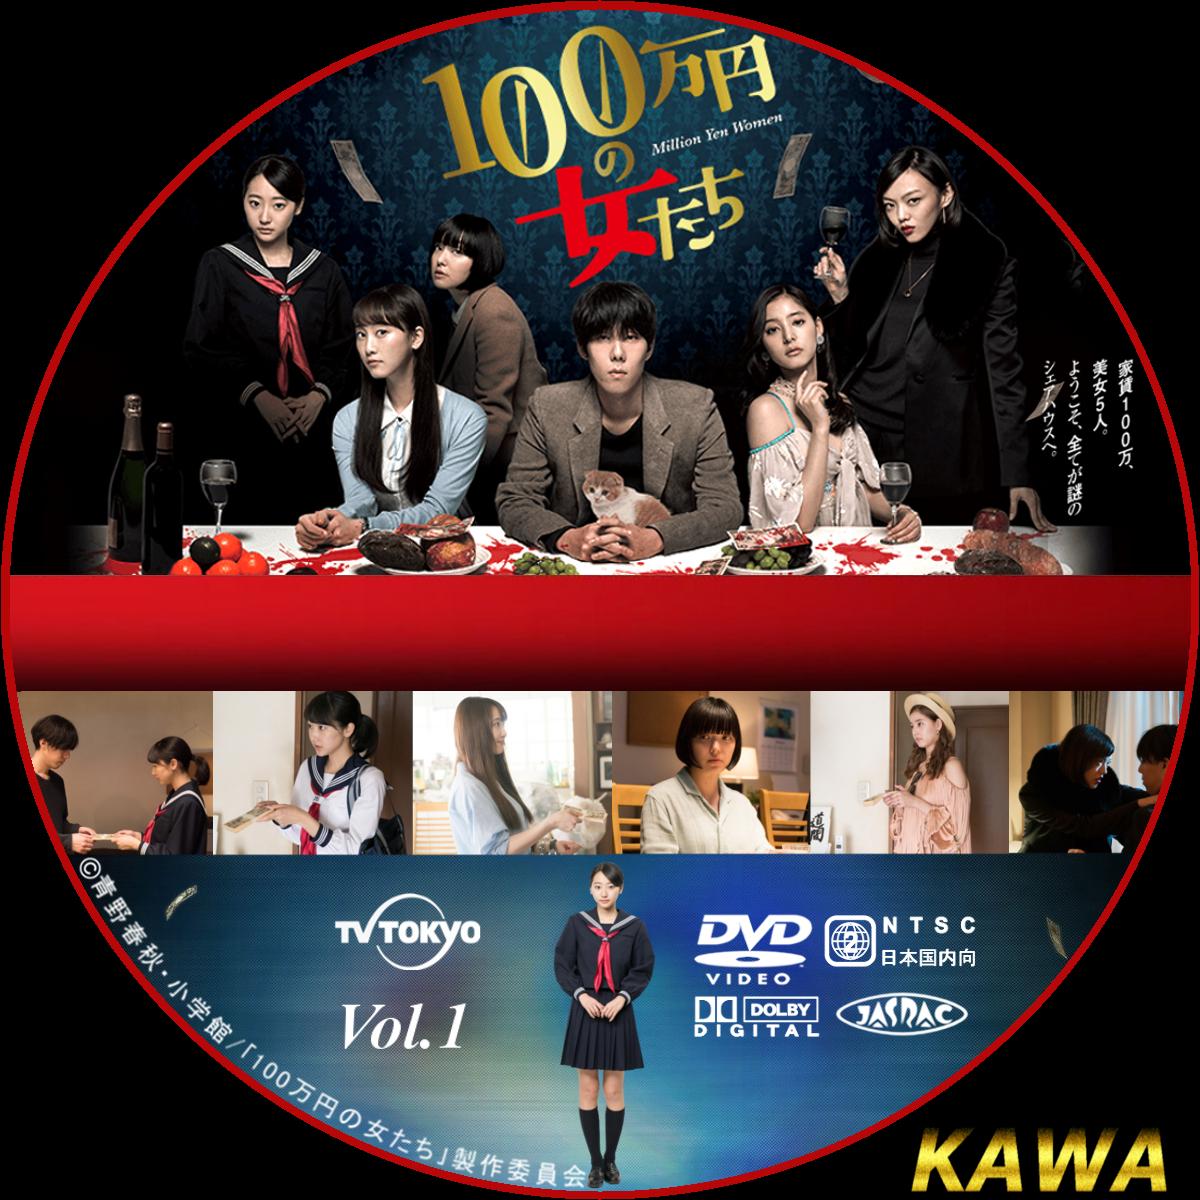 万 円 女 たち の 100